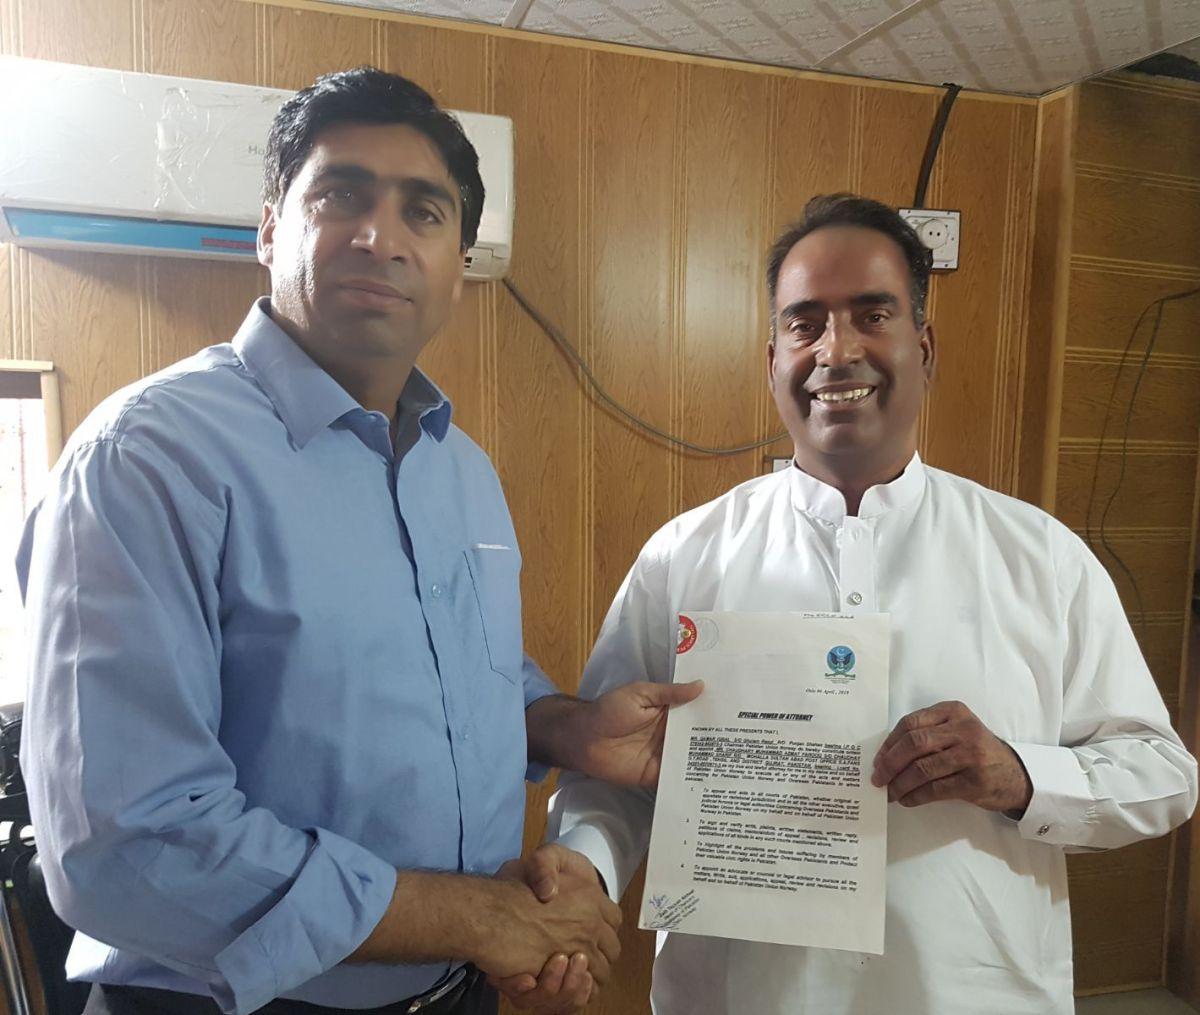 پاکستان یونین ناروے کے انتظامی امور کے سربراہ منشاء خان نے تقرری کا نوٹیفکیشن پاکستان میں یونین کے قانونی مشیر عظمت فاروق ایڈوکیٹ کے حوالے کردیا